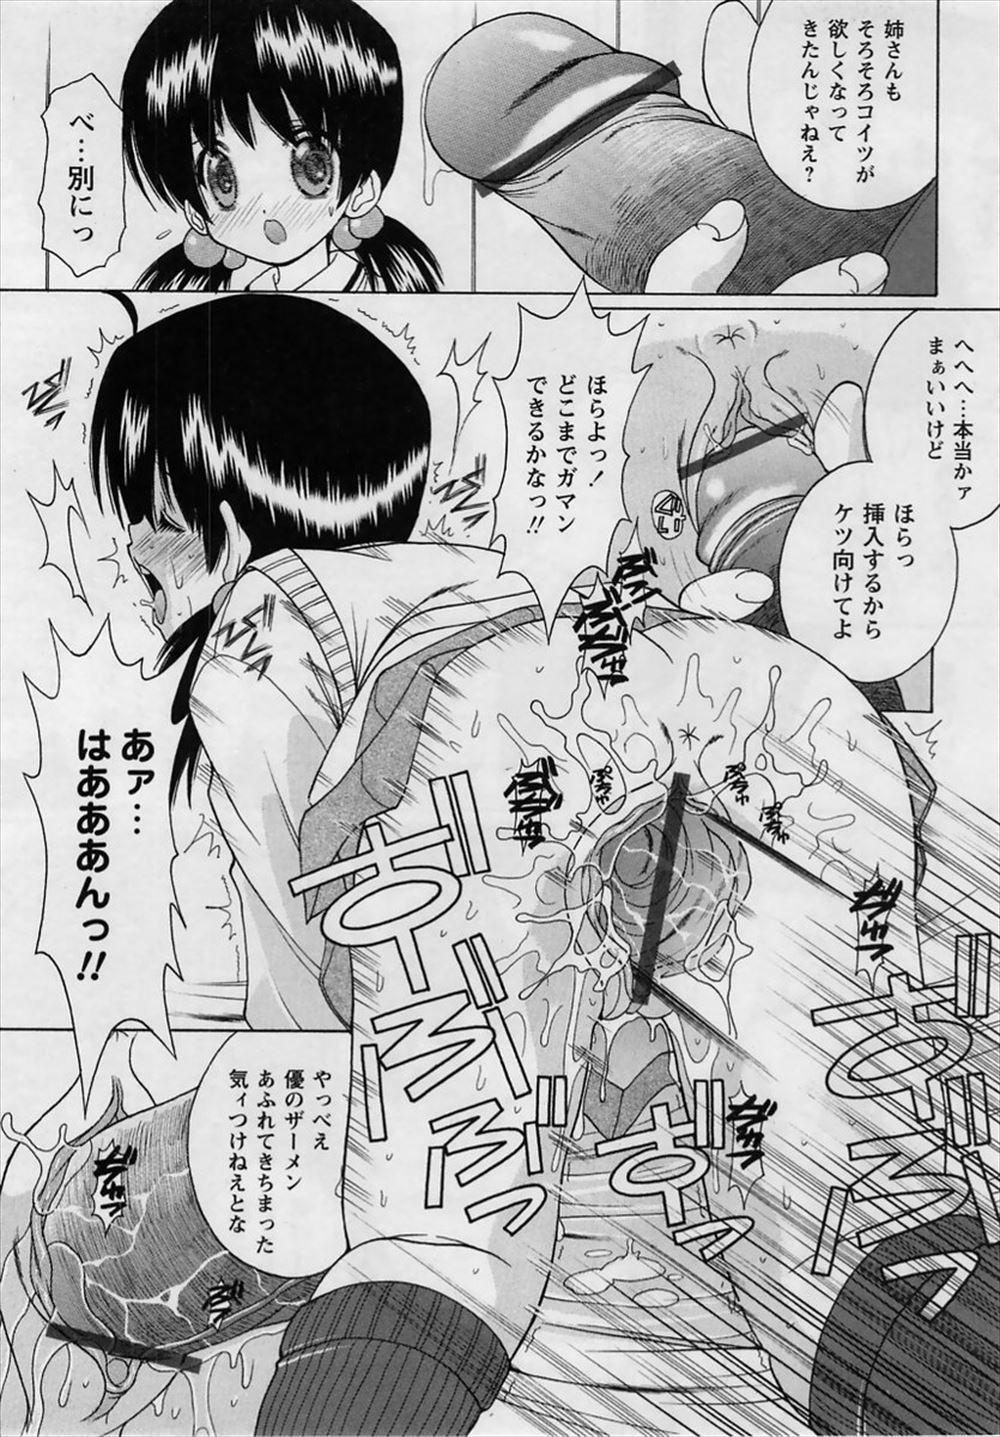 【エロ漫画同人誌】友達とロリカワな姉をくっつけた耕太は実は姉と身体の関係で友達とセックスしたばかりの姉に中出しするwwww 011